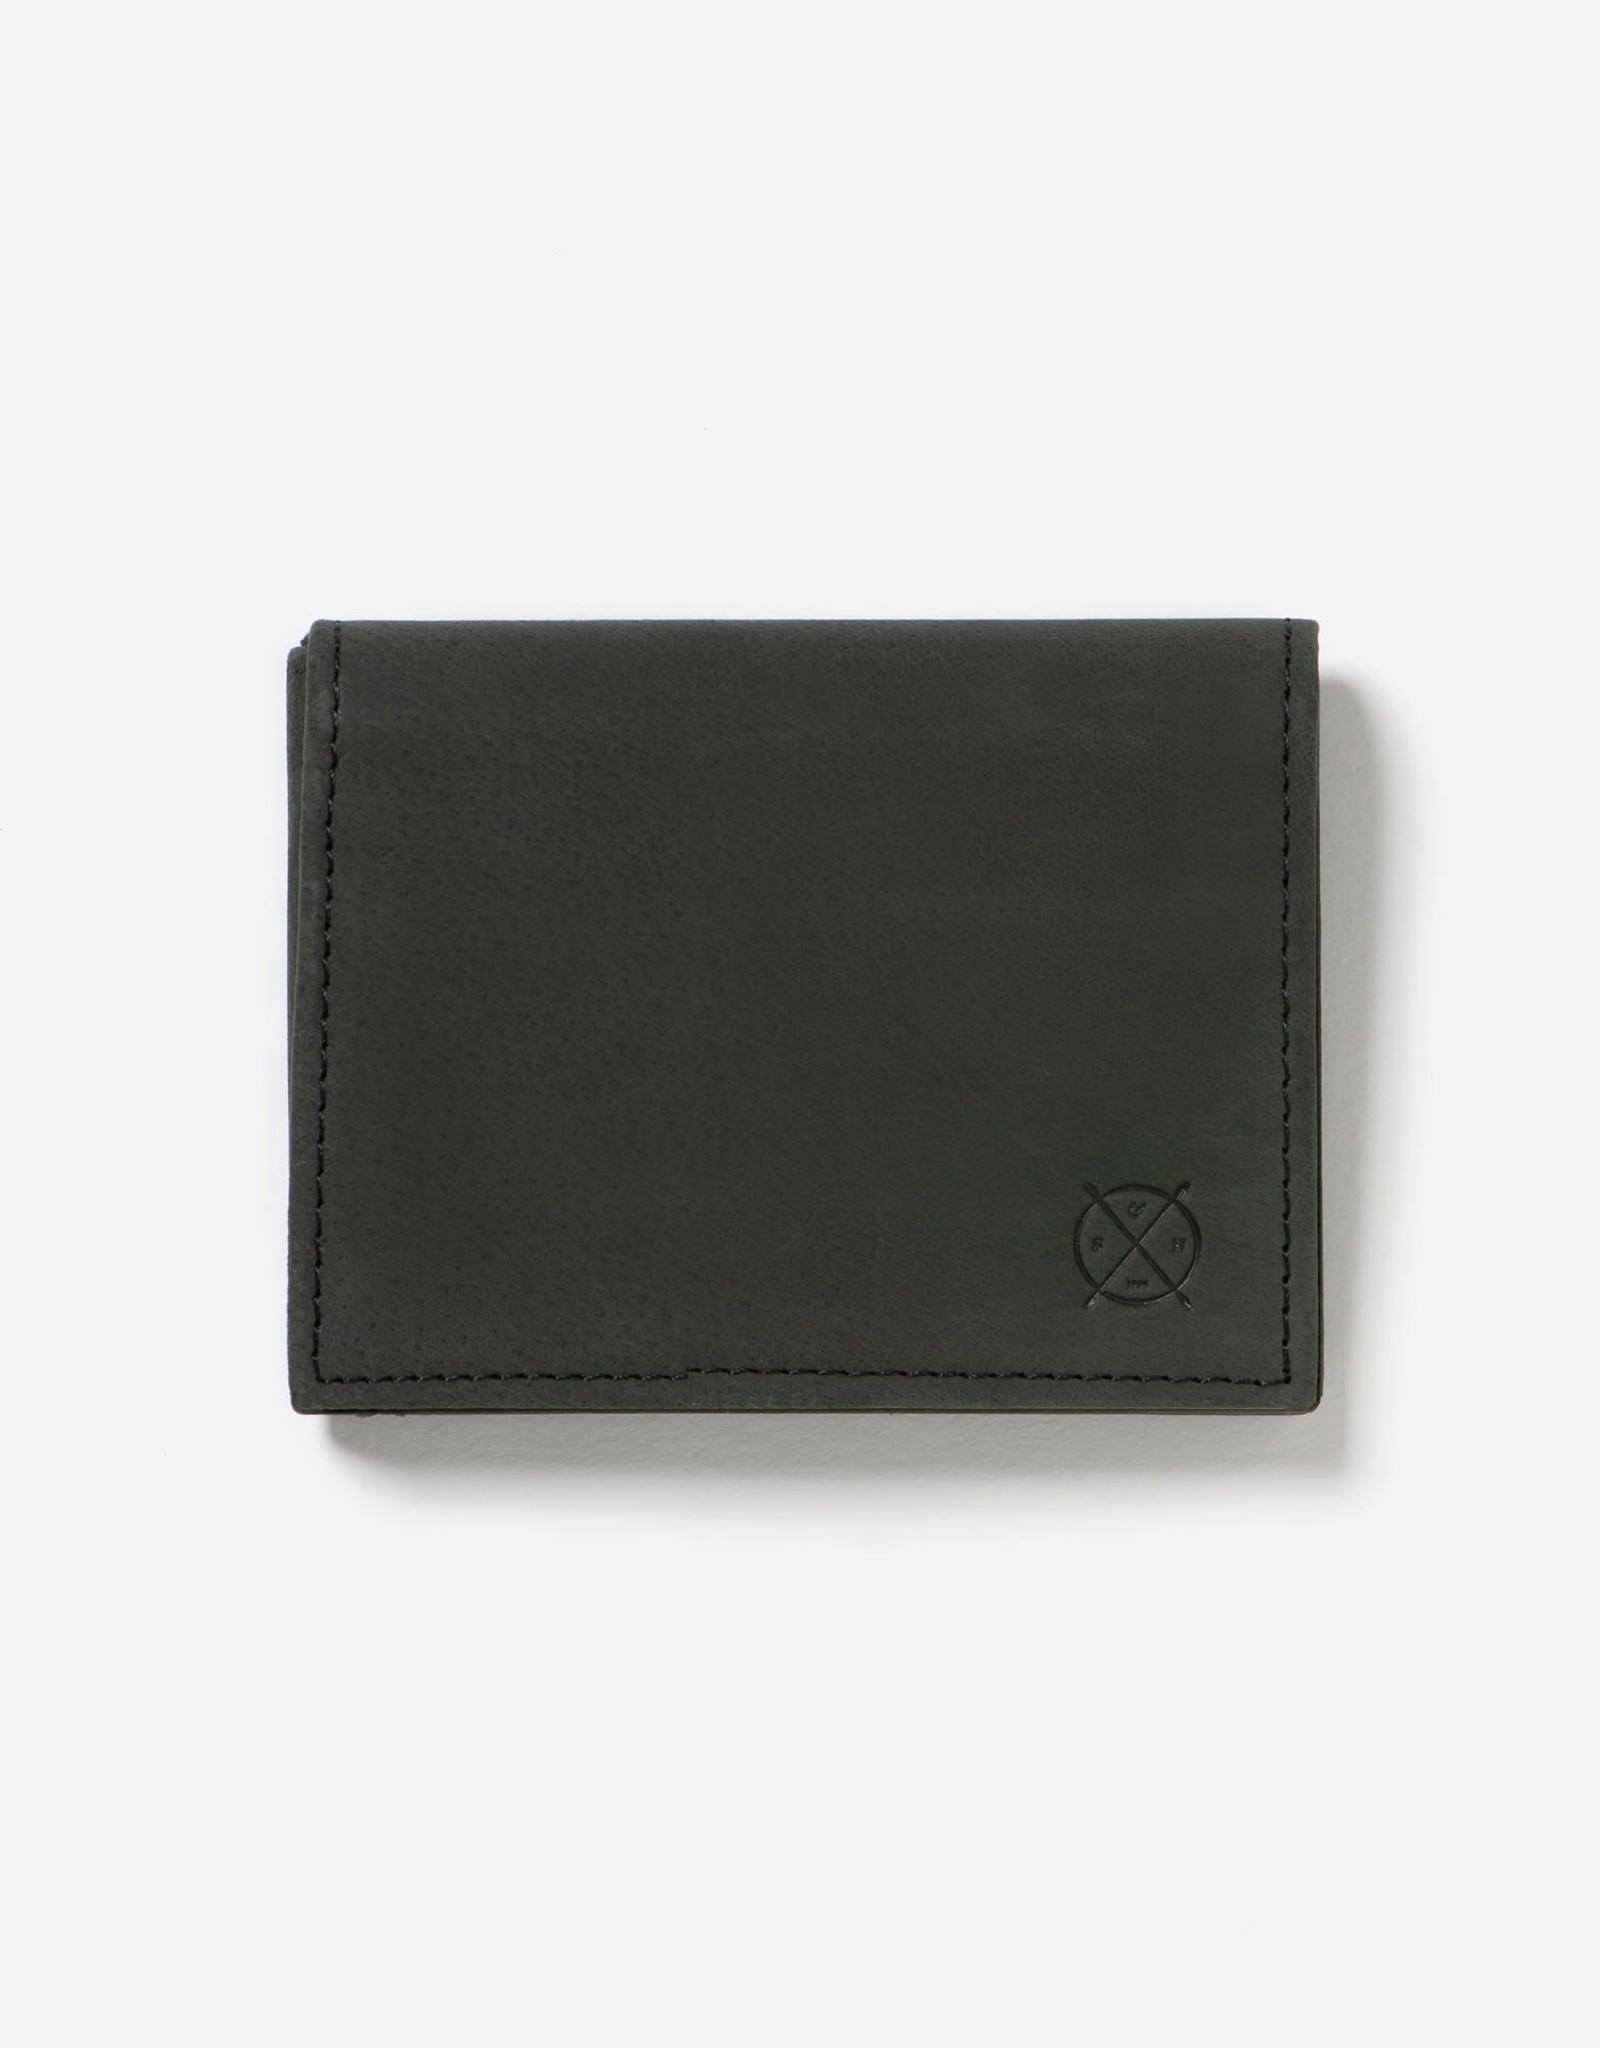 STITCH & HIDE Hugo Wallet